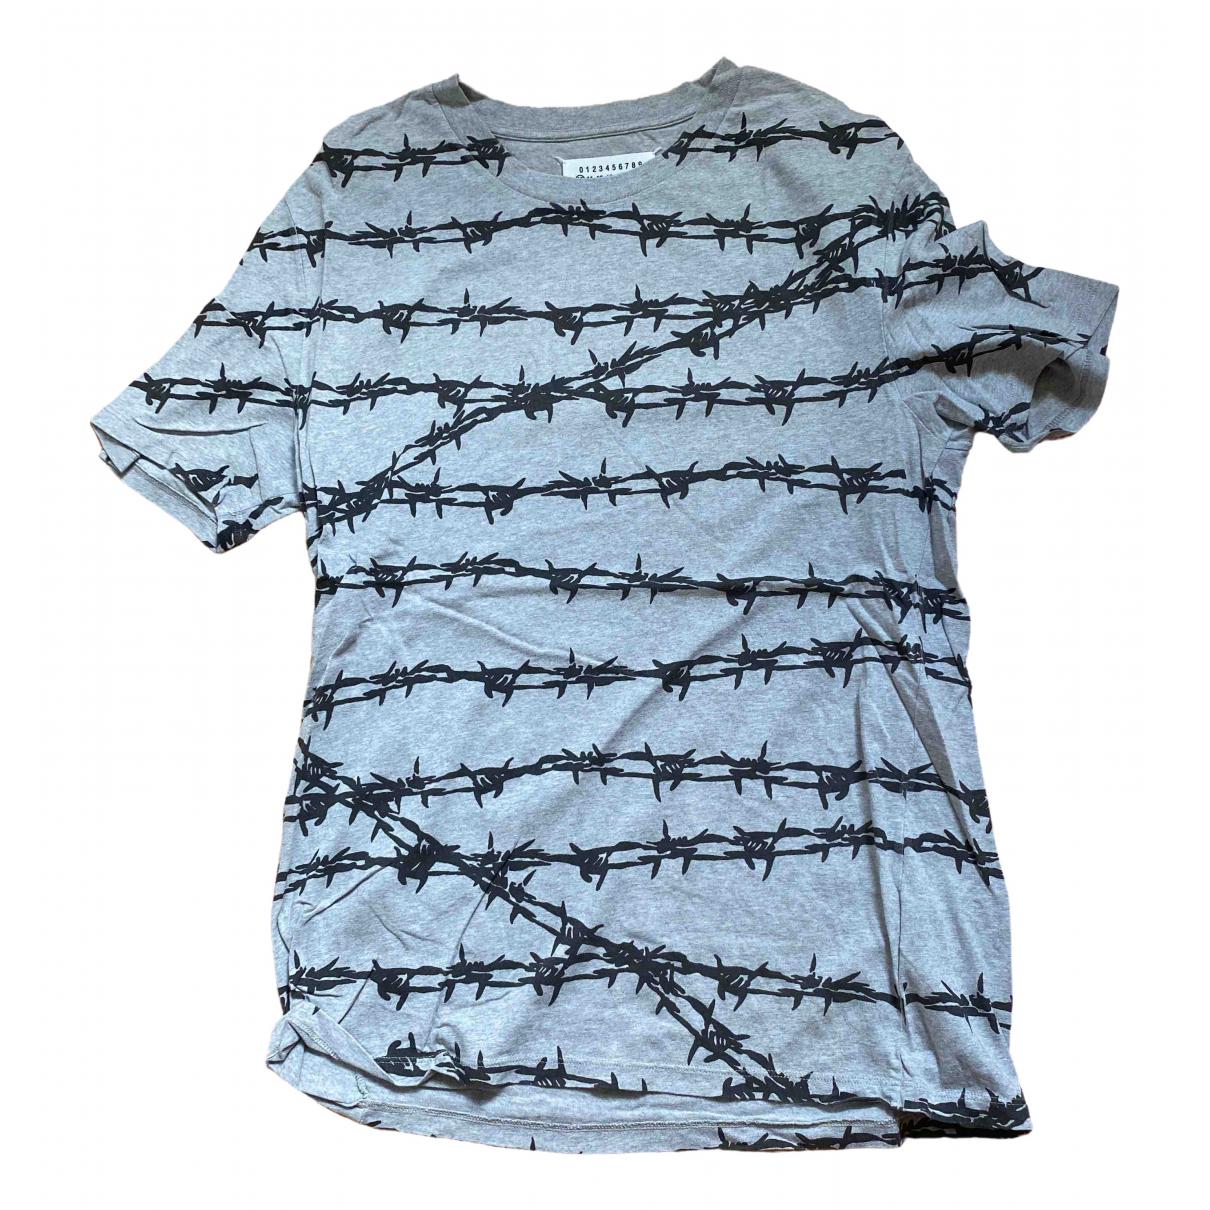 Maison Martin Margiela - Tee shirts   pour homme en coton - gris